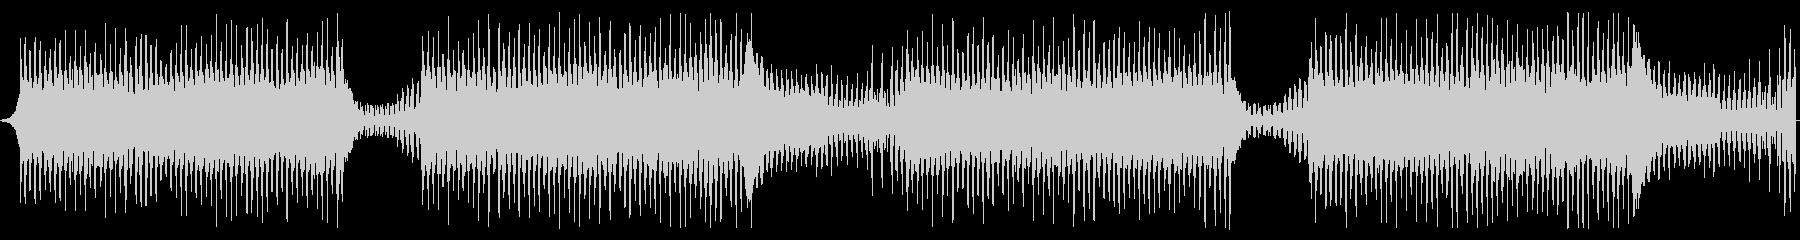 逃走中や追跡中の疾走感のあるBGMの未再生の波形